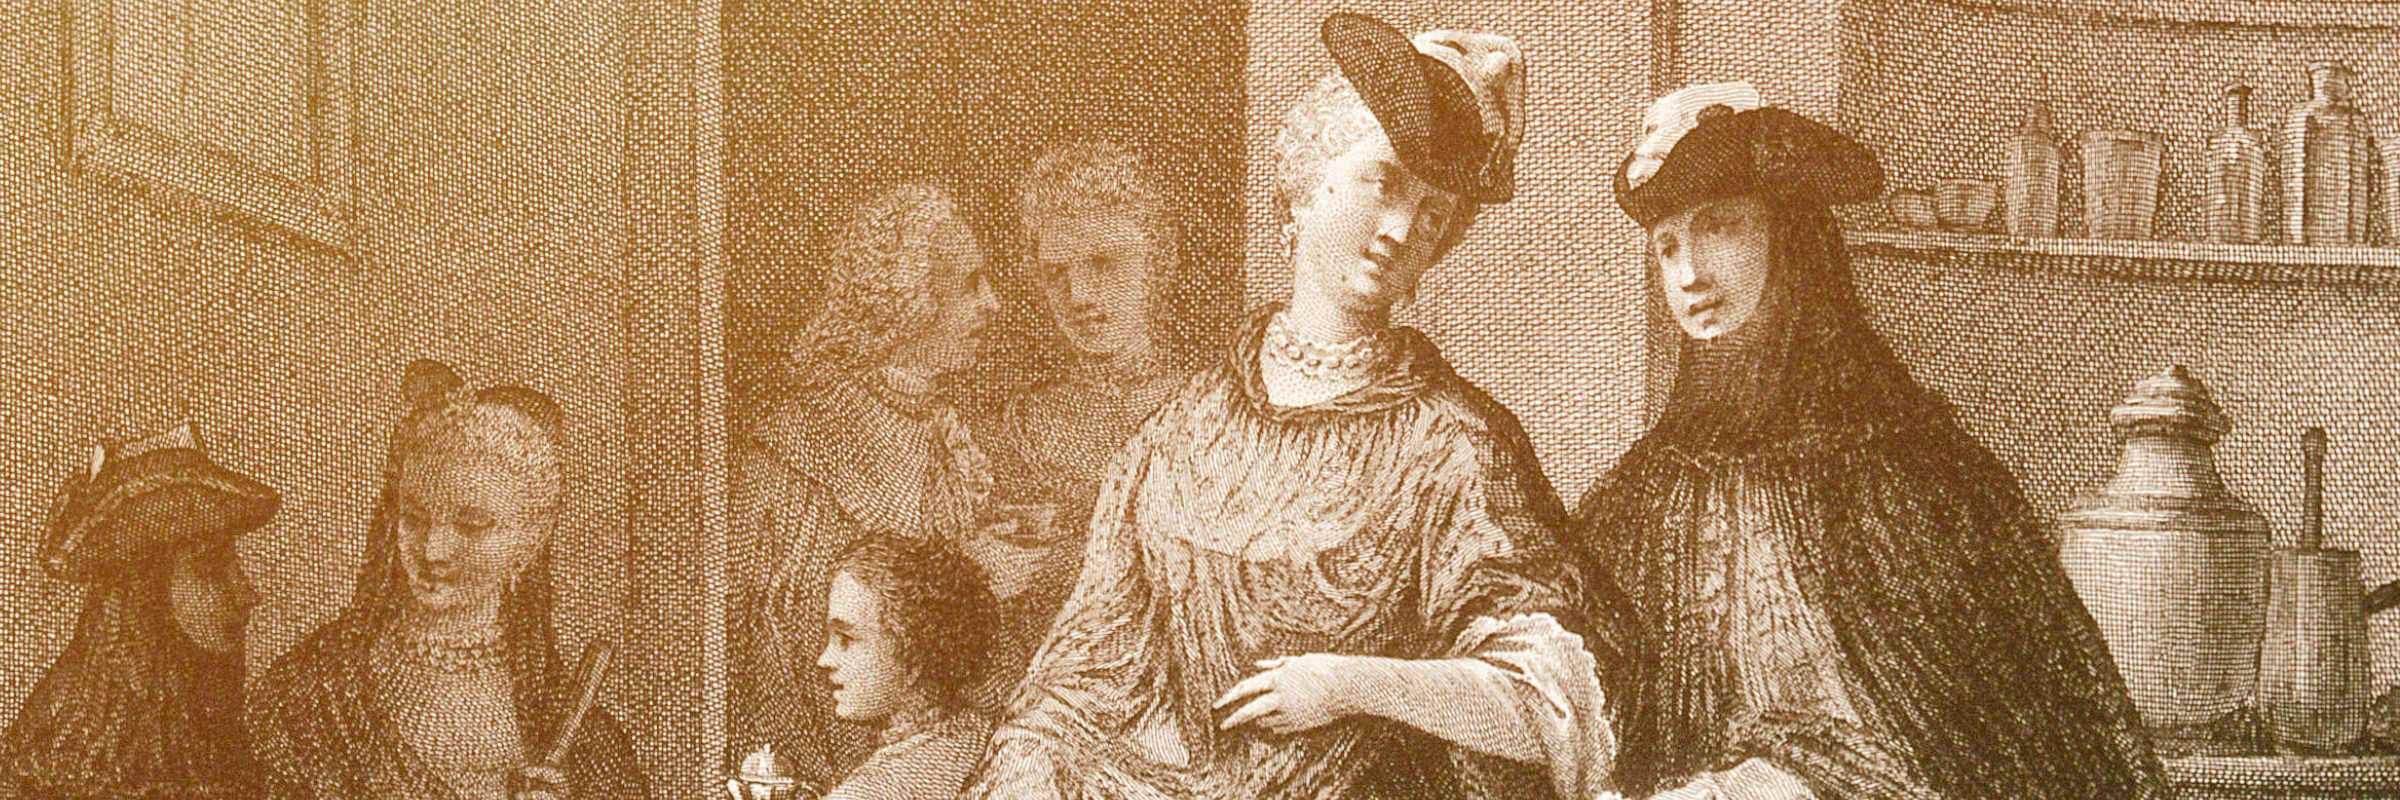 Incisione del XVIII secolo che ritrae una scena di vita in un caffè veneziano — (Archivio Venipedia/Bazzmann)